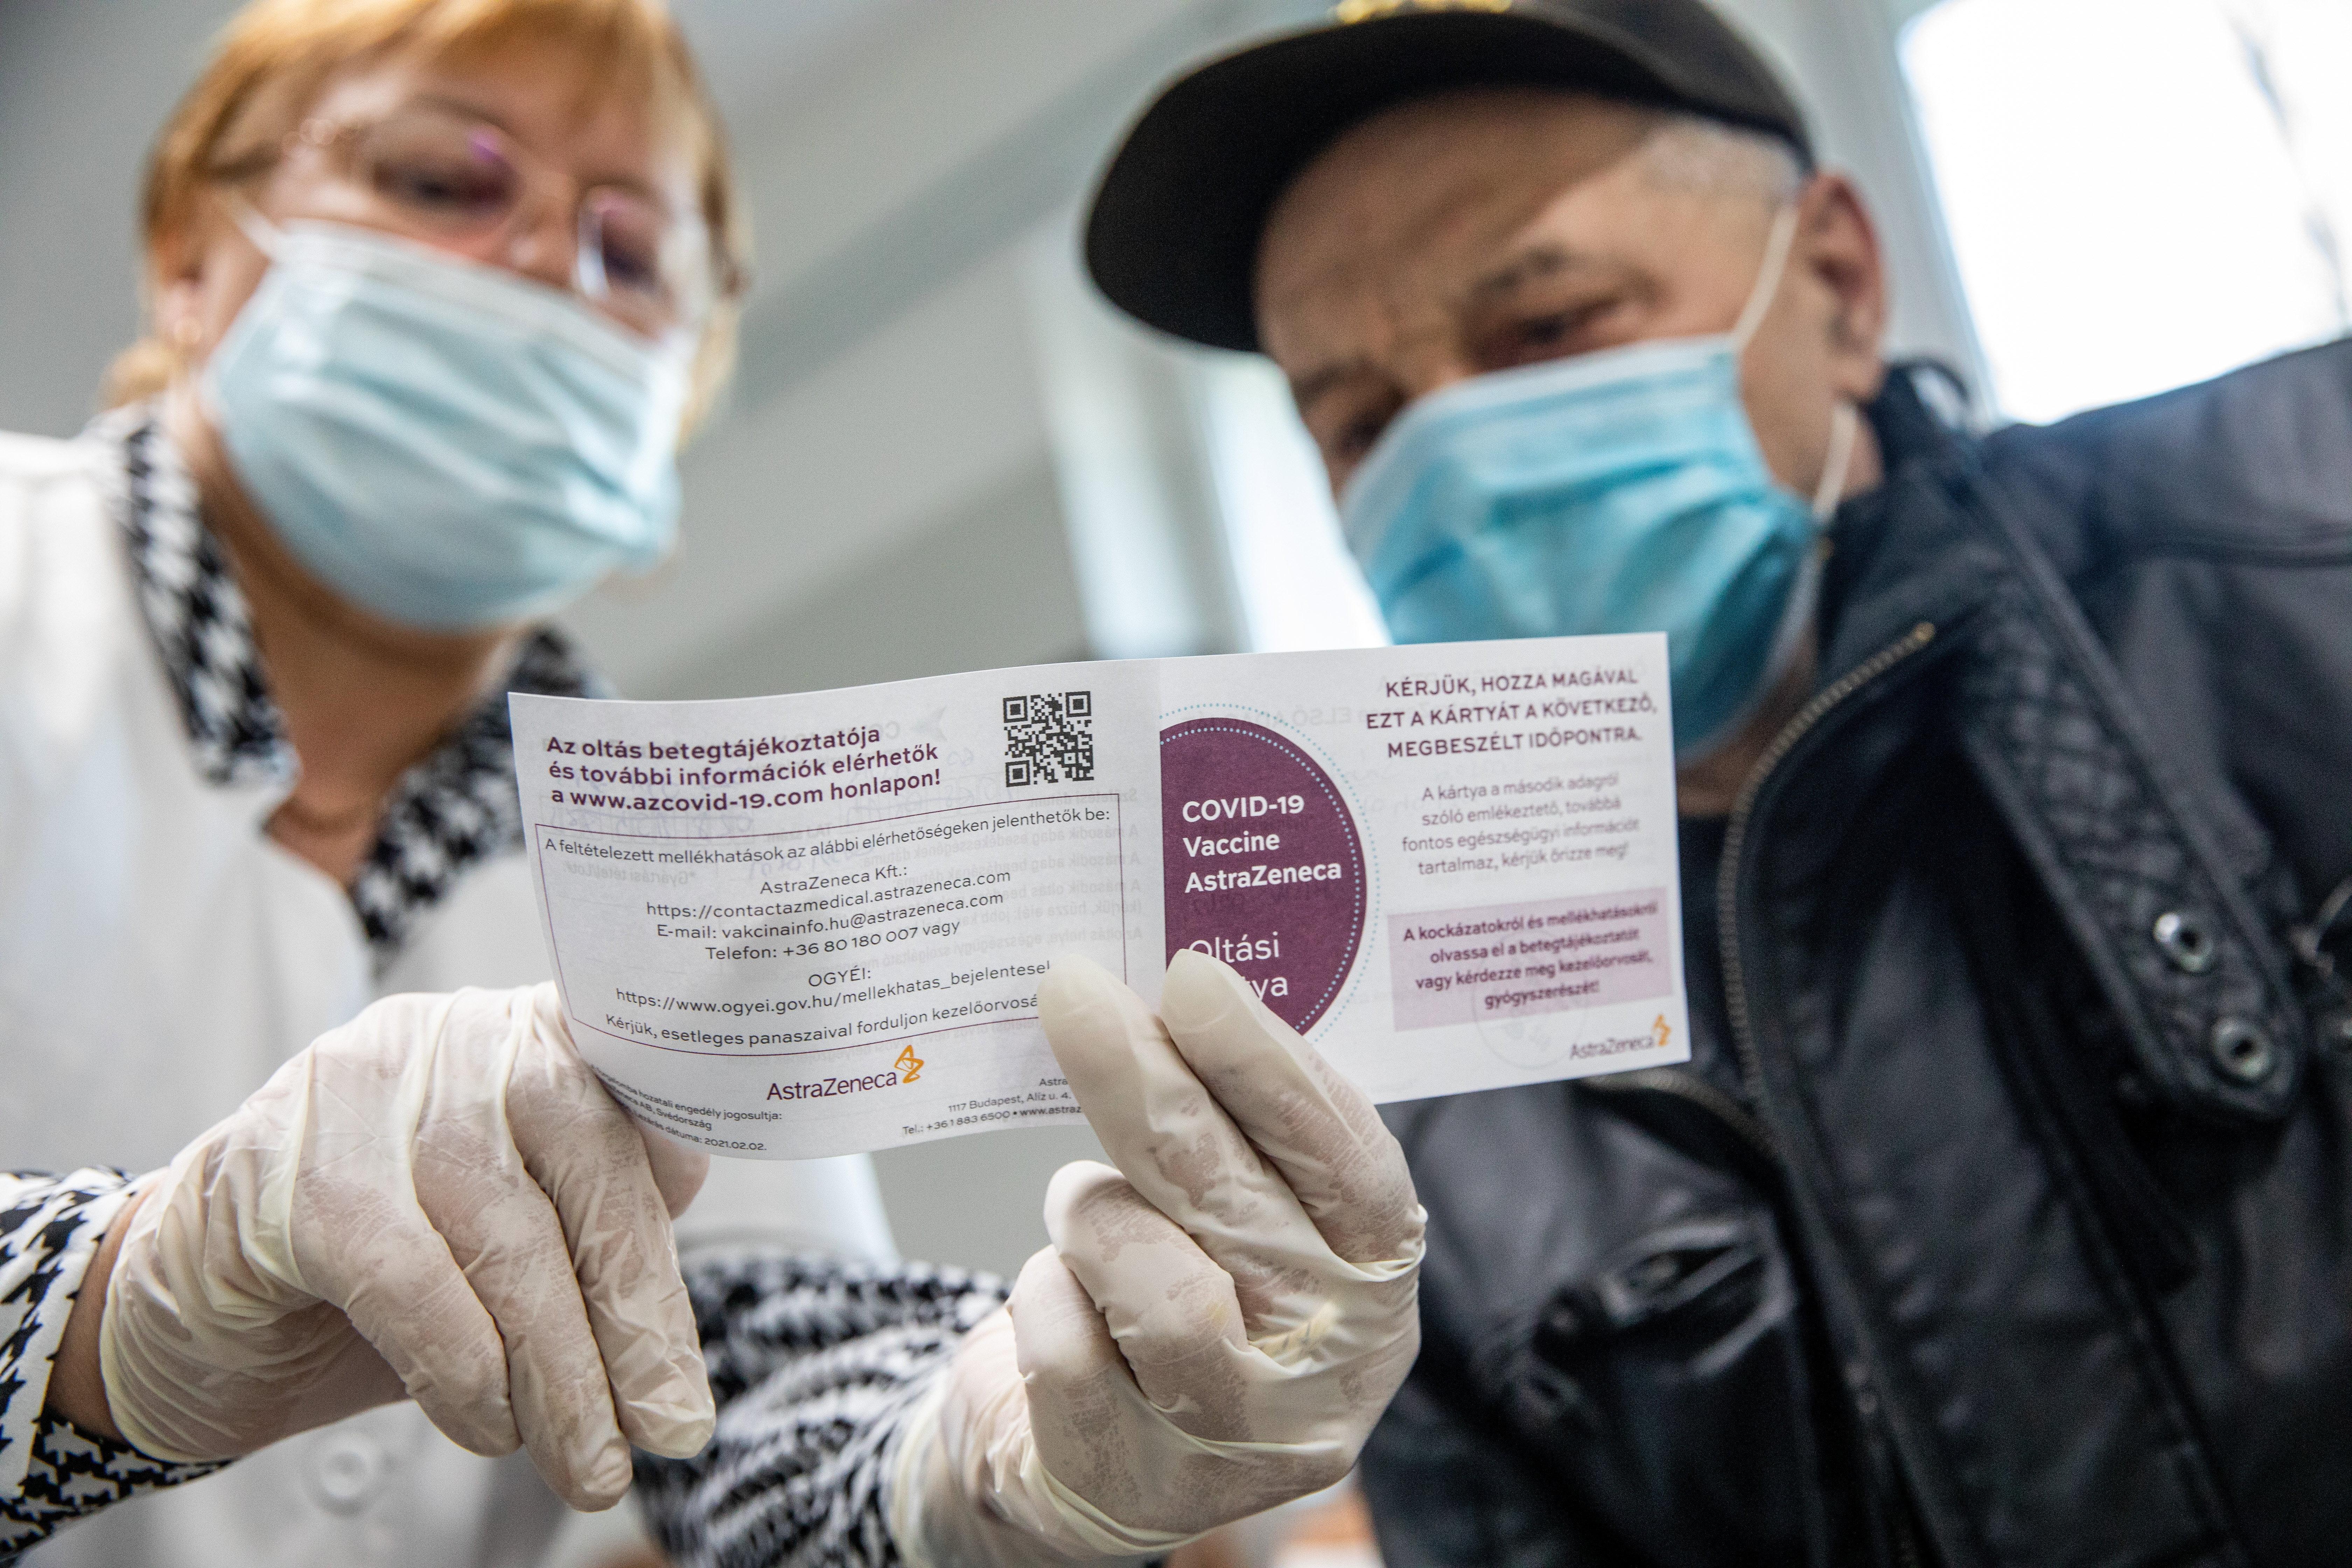 Megszólalt Müller Cecília az Astra Zeneca-ügyben: Ha az Európai Gyógyszerügynökség állást foglal, arra a magyar hatóságok is reagálni fognak